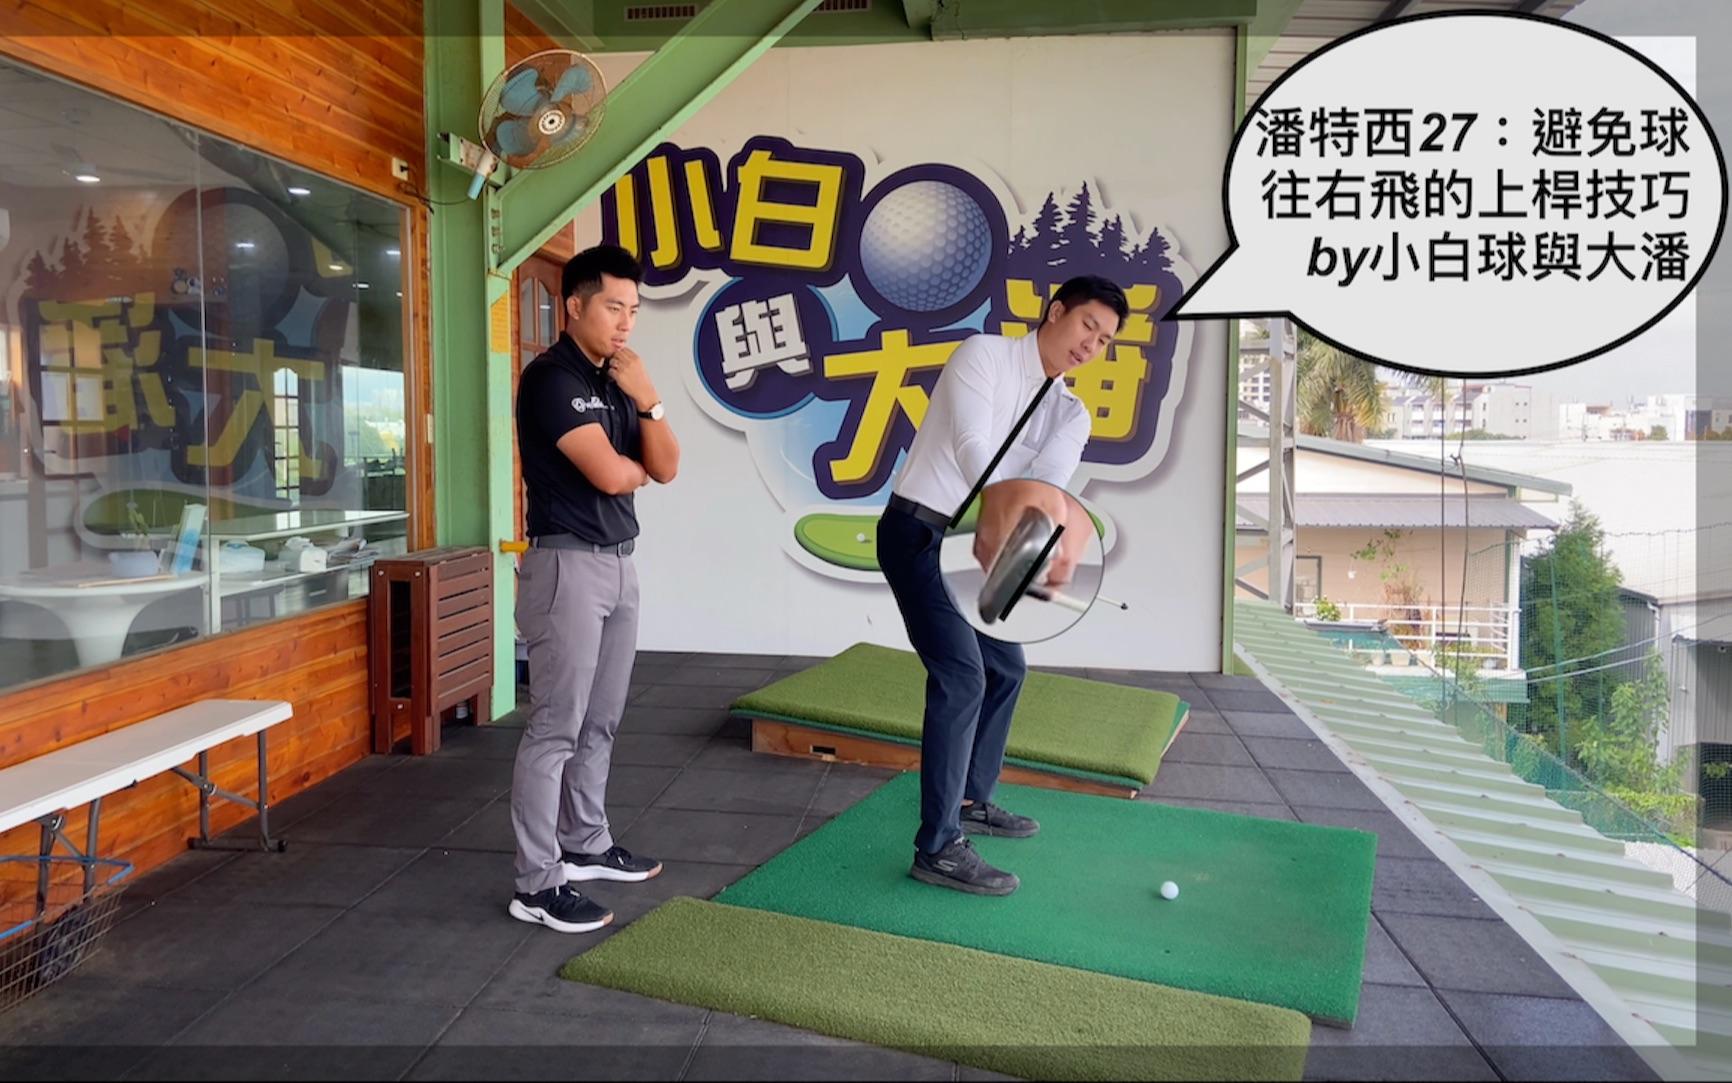 潘特西Pantasy Golf 27 | 避免球往右飛的上桿技巧! 這次教學兄弟聯手,希望可以讓大家有收穫,最後潘媽媽很搶鏡頭喔!#小白球與大潘